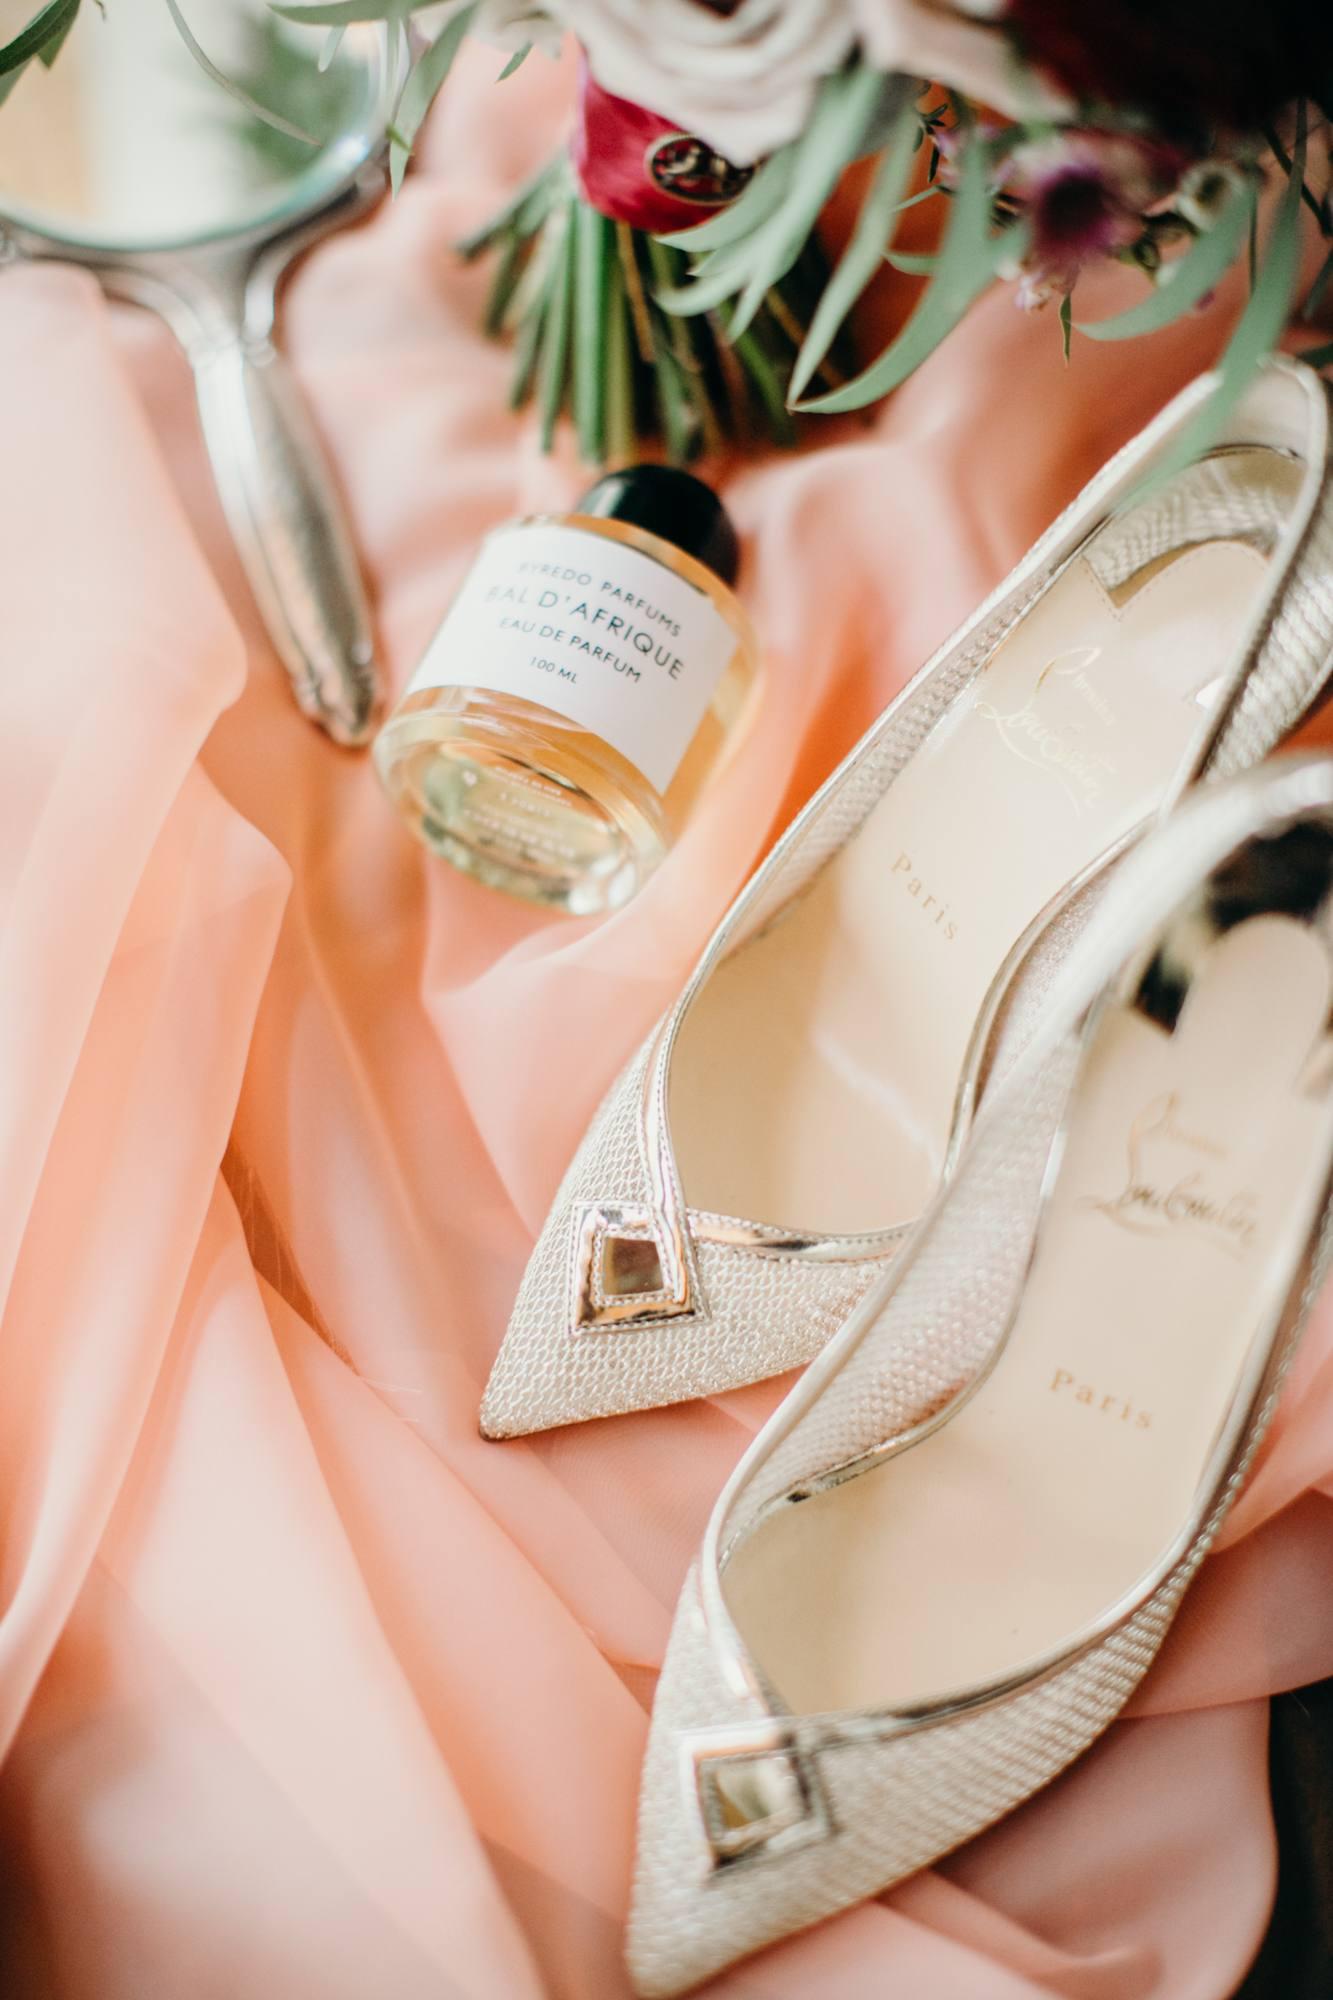 Утонченная элегантность: свадьба в цвете марсала